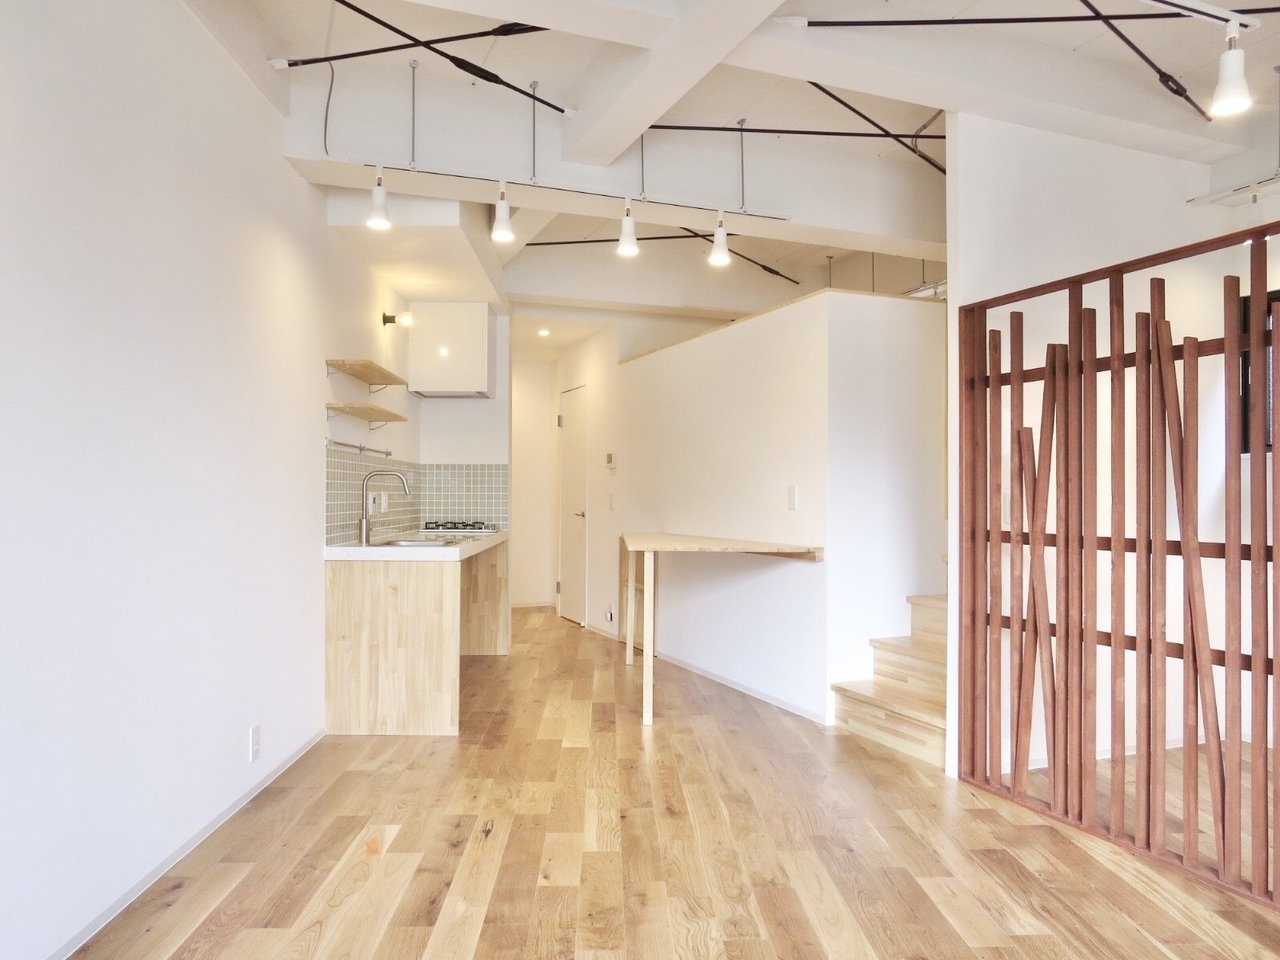 先ほどの部屋に続き、今度は21畳超えのワンルーム物件。部屋が広いといいなって改めて思います。天井も高く、ライトが吊るされていて、かっこよさもあるんです。床も無垢材を使用されていますよ。